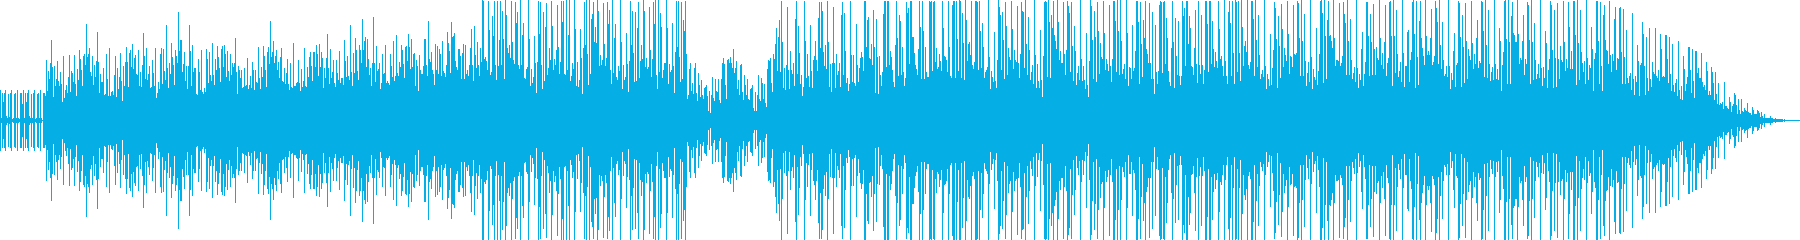 暗い雰囲気から明るくなるベルの音楽の再生済みの波形